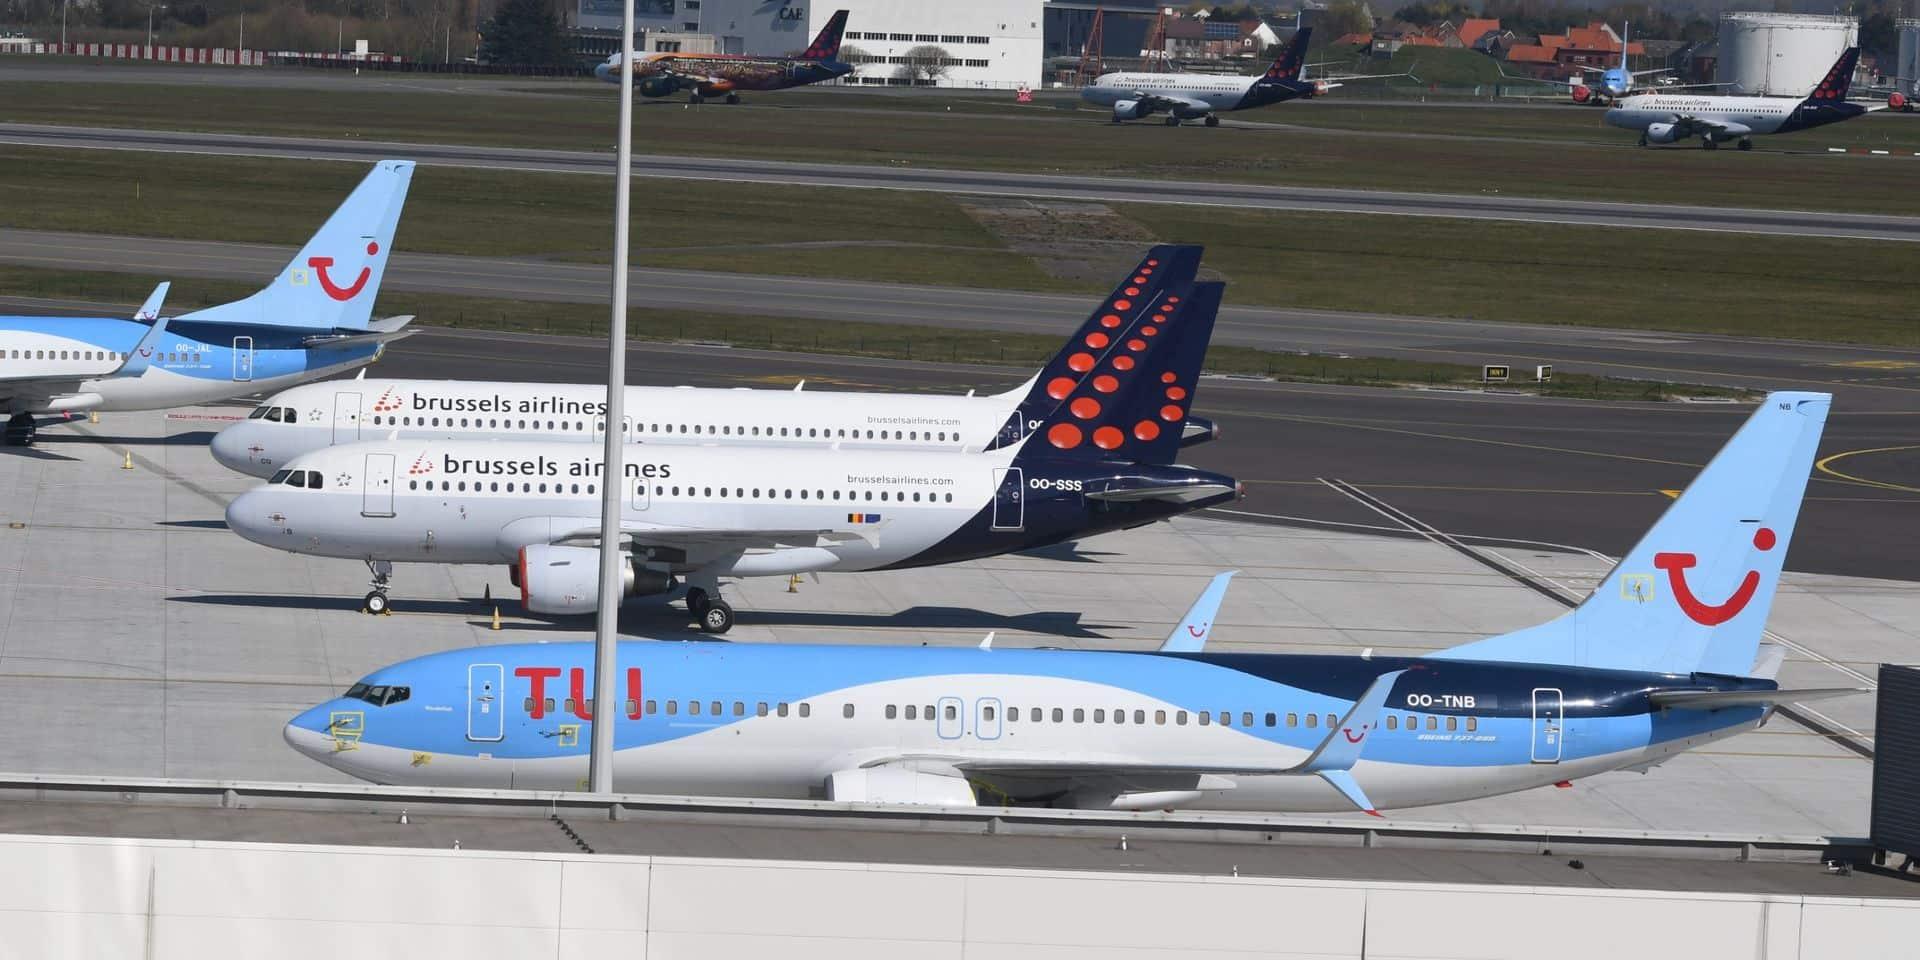 TUI et Brussels Airlines fondent de nombreux espoirs sur les voyages lors des vacances de Pâques.